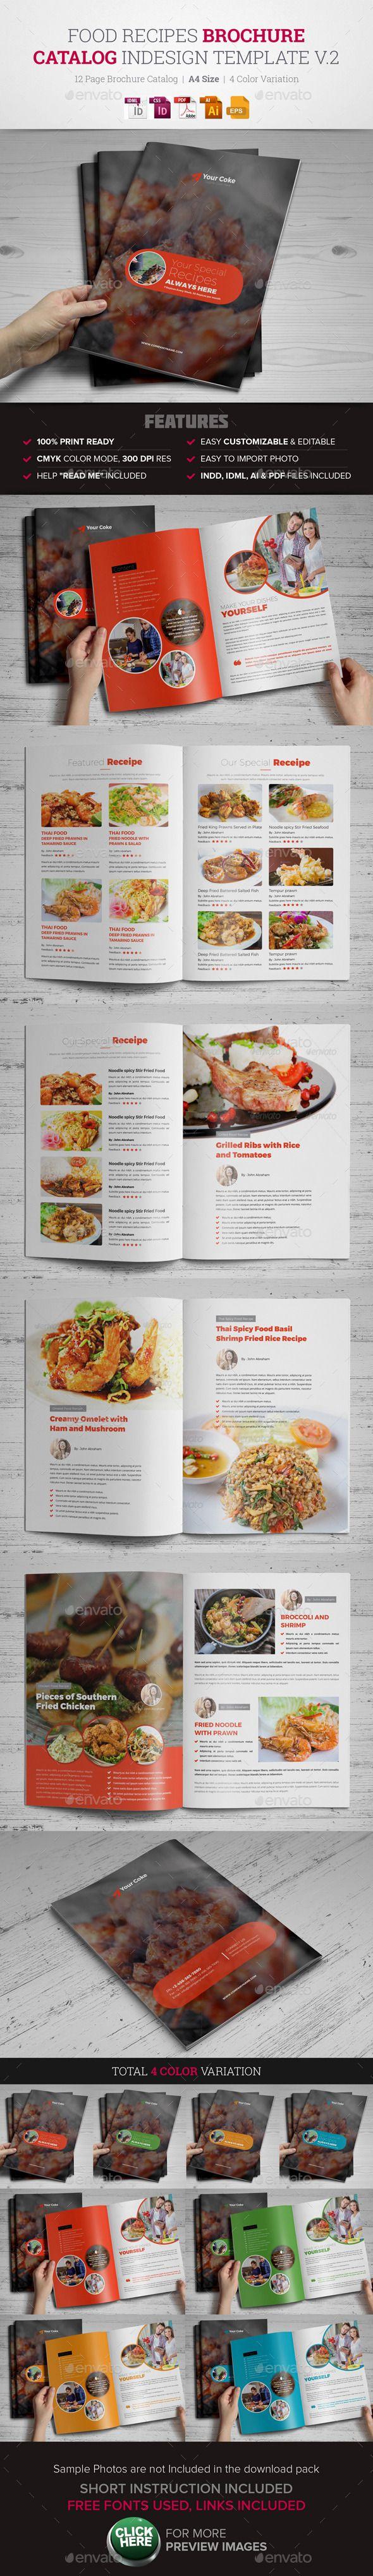 Food recipes brochure catalog indesign v2 composicin y restaurante food recipes brochure catalog indesign tempalte design download httpgraphicriver forumfinder Image collections